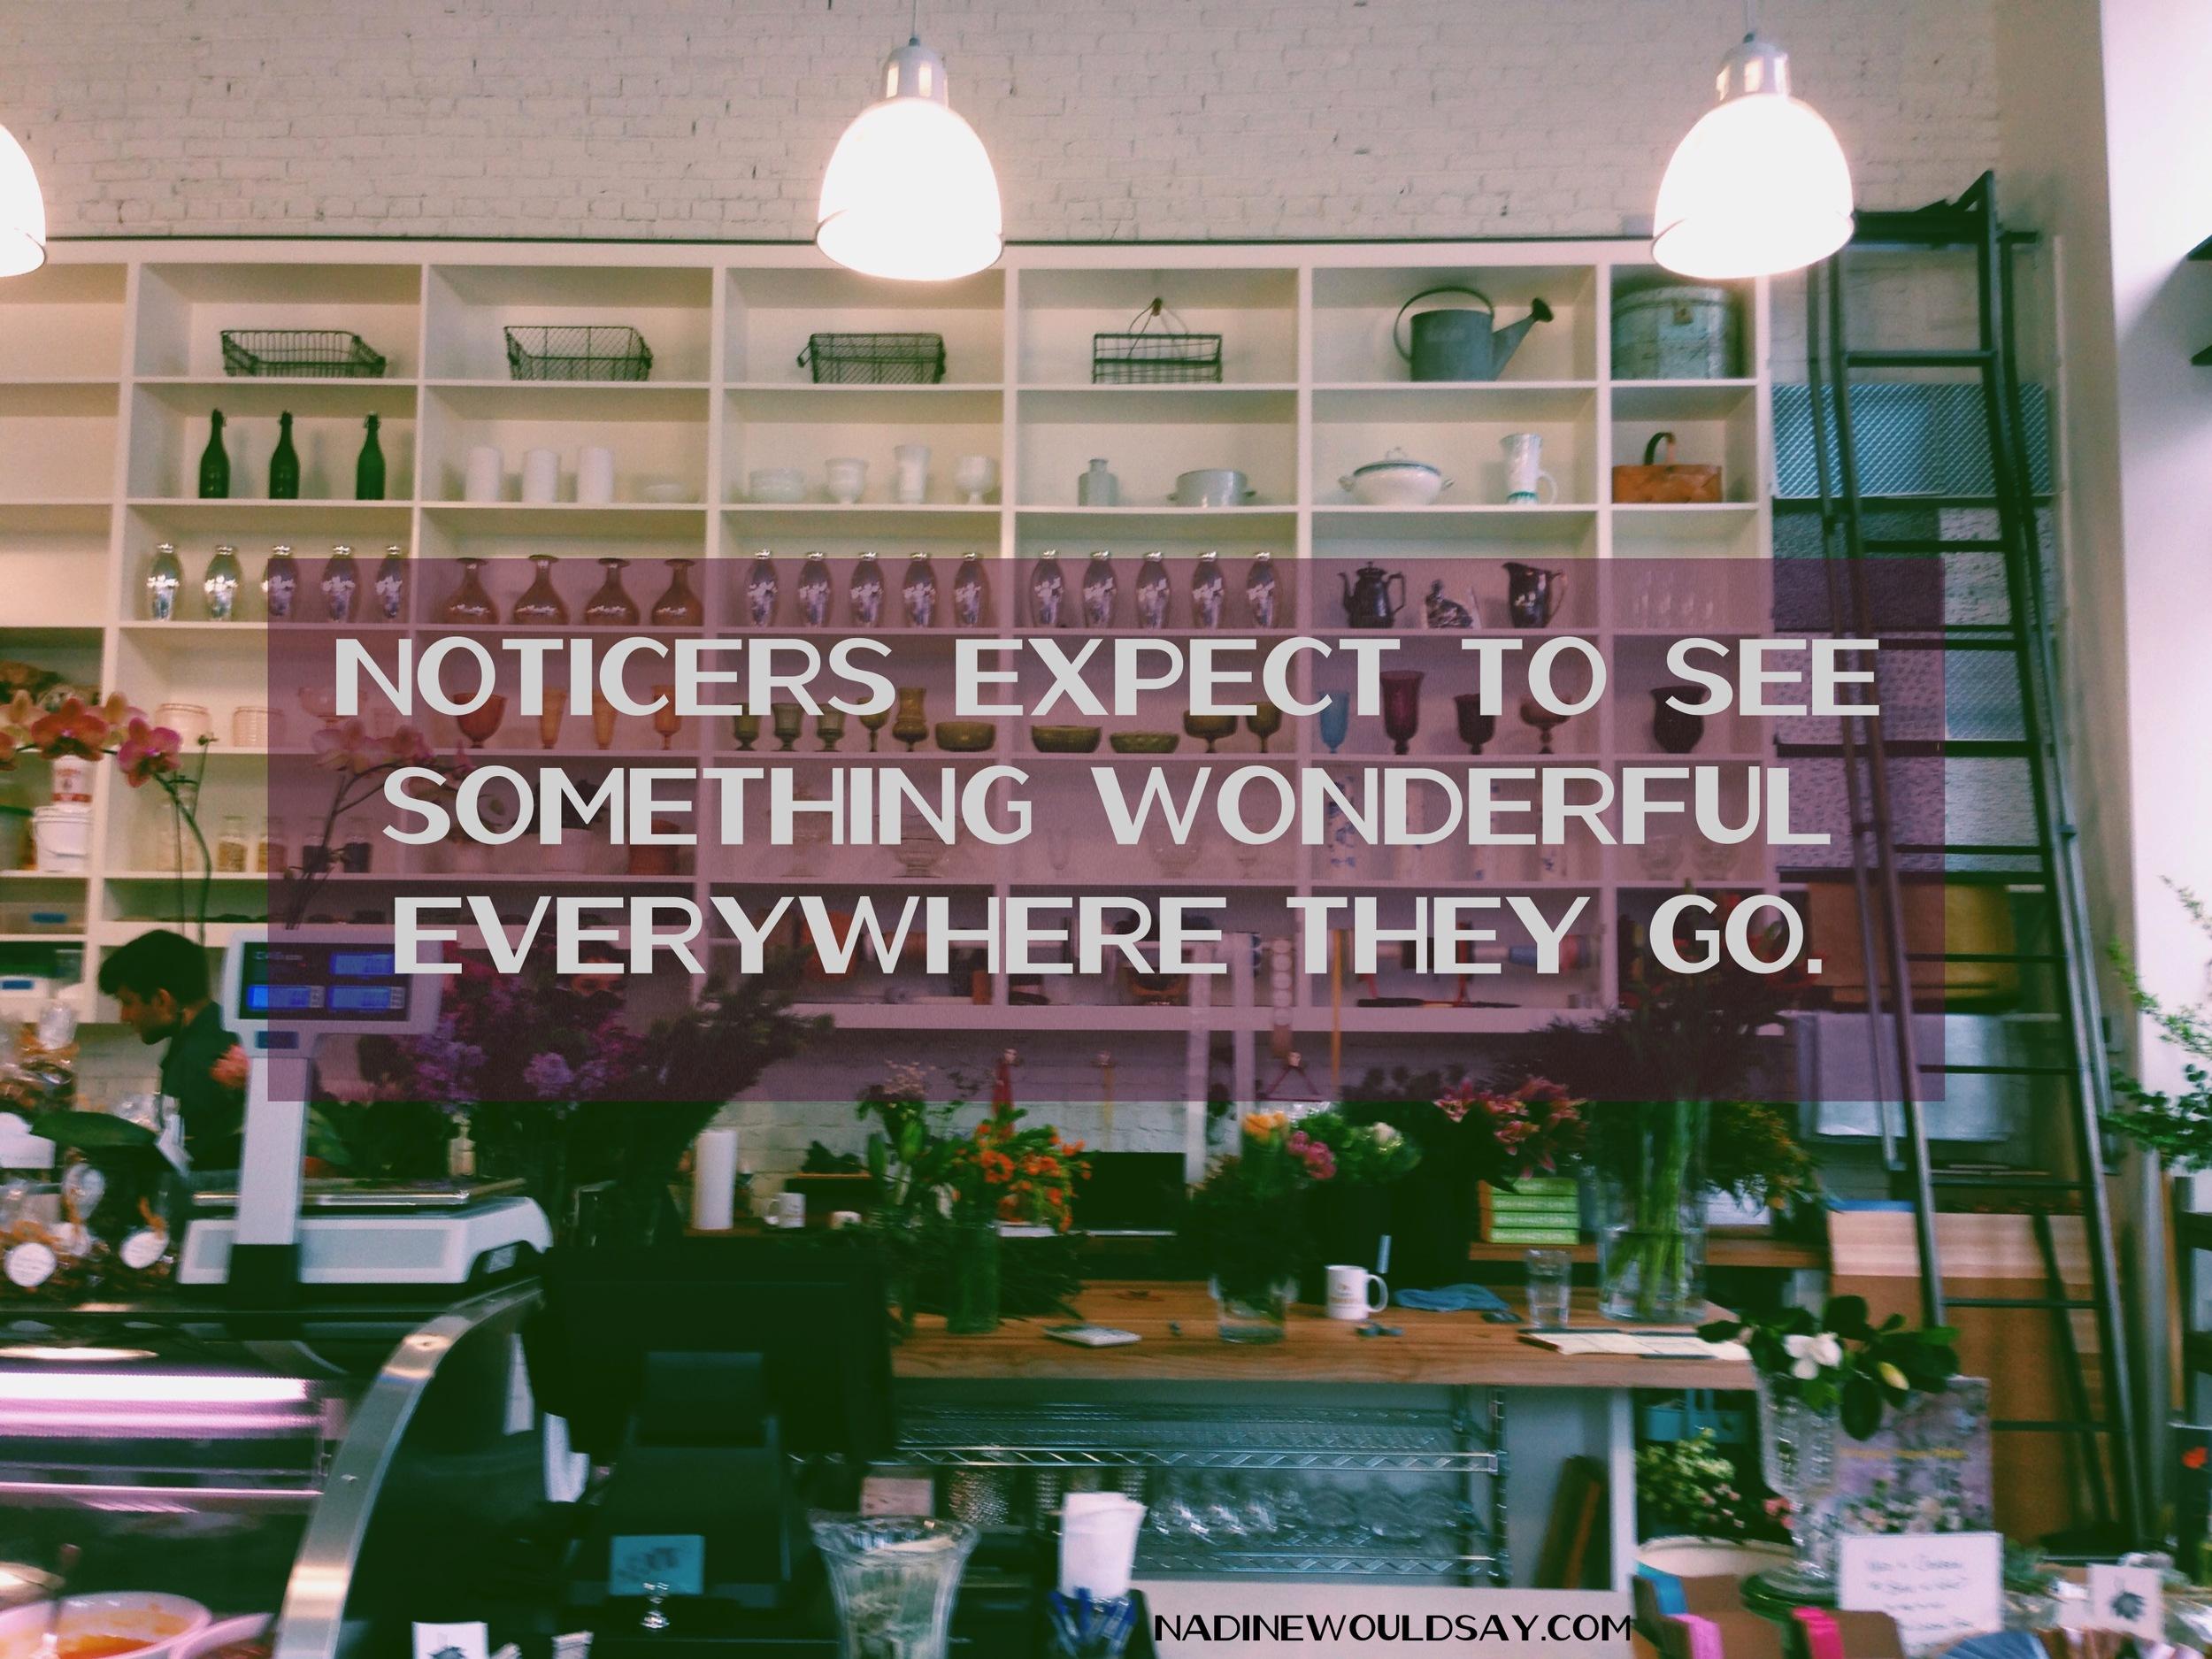 Expect wonderful nadinewouldsay